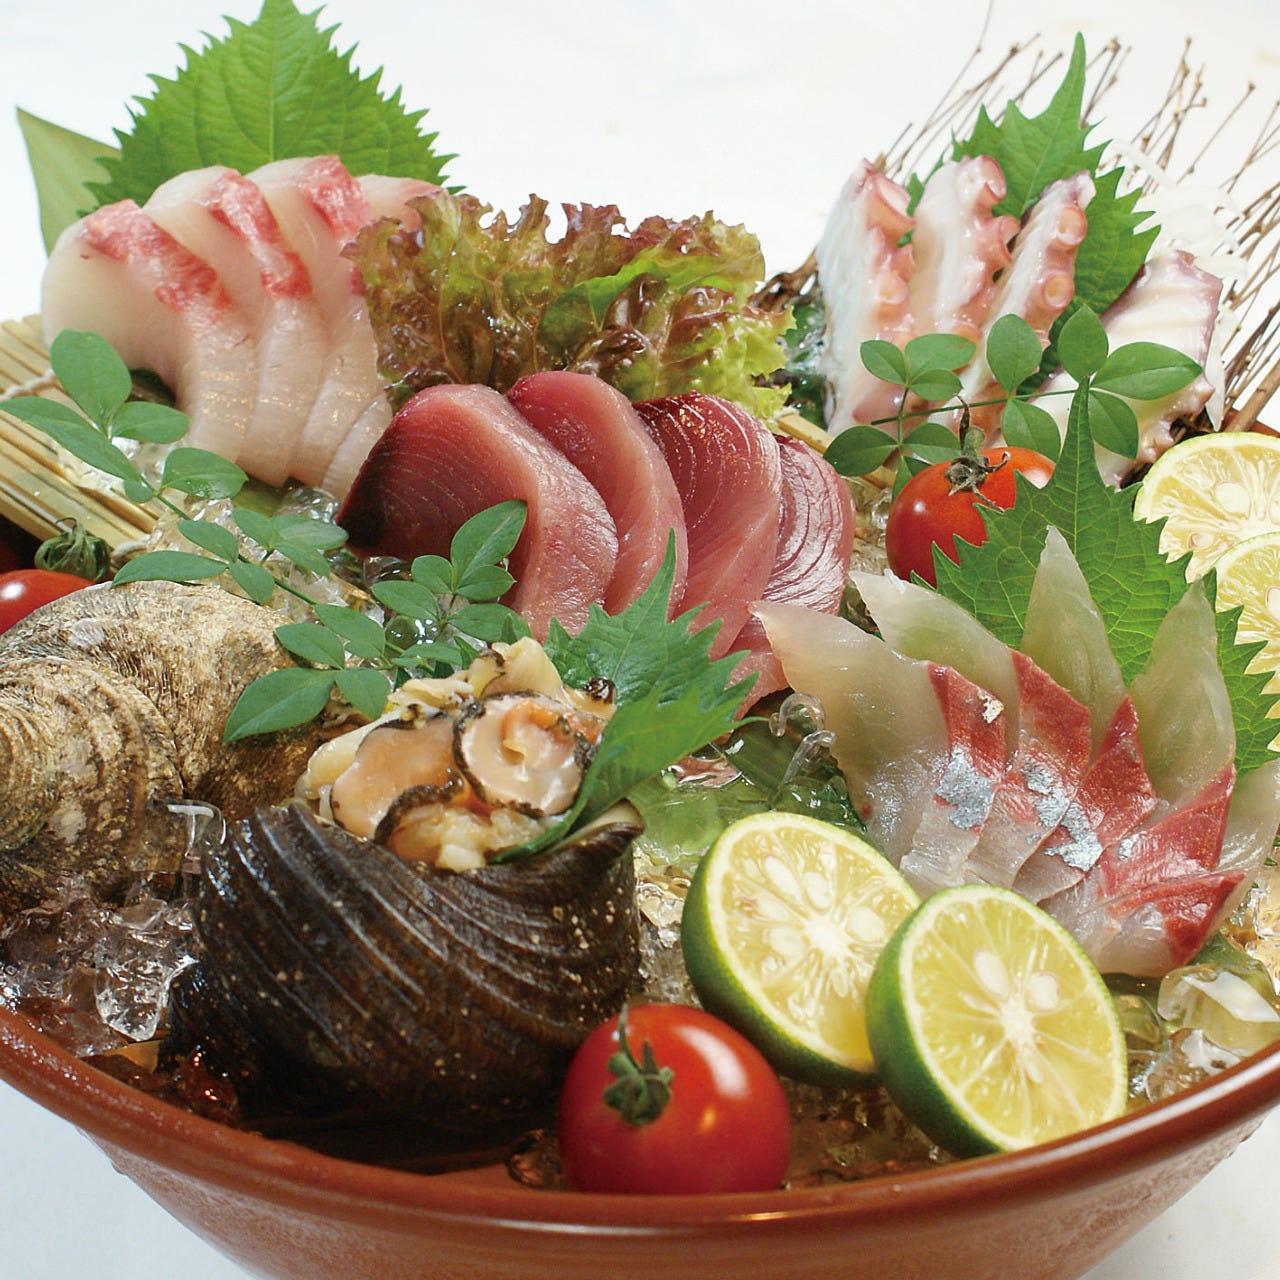 旬の地魚料理をどうぞ!店内の季節メニューもお楽しみに♪